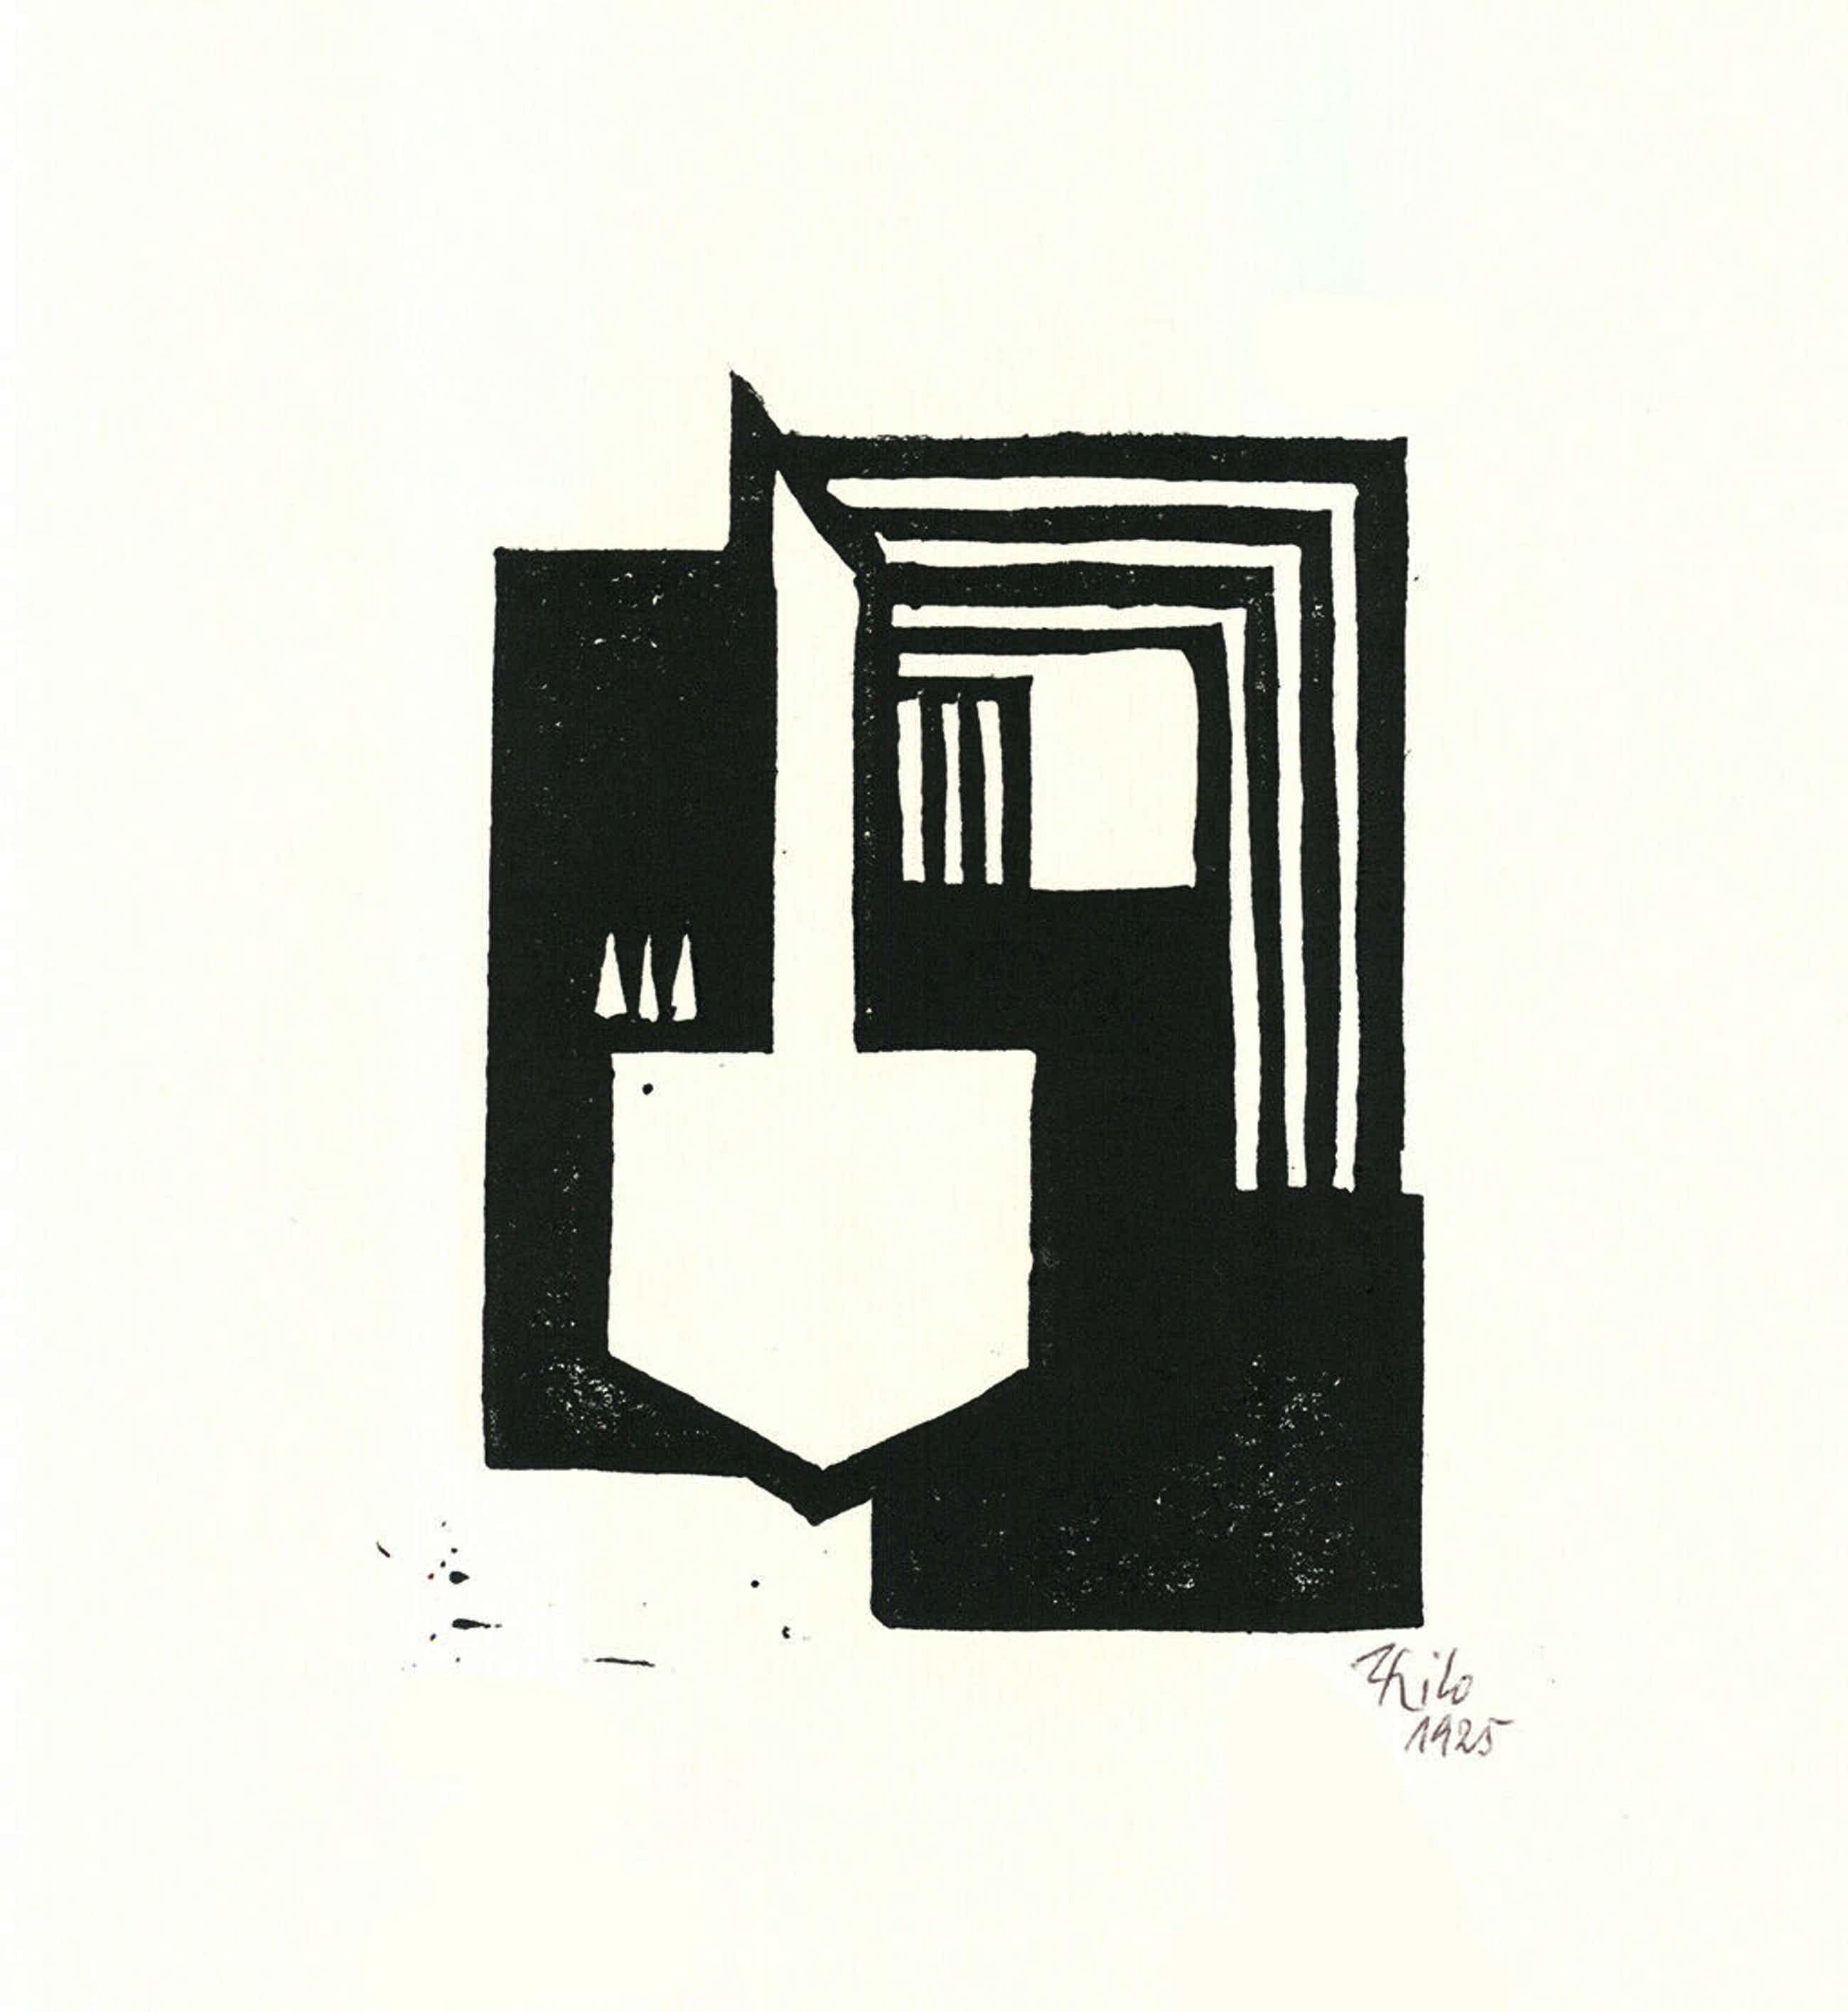 Thilo Maatsch - Handgesigneerde houtsnede: Abstracte Compositie kopen? Bied vanaf 35!